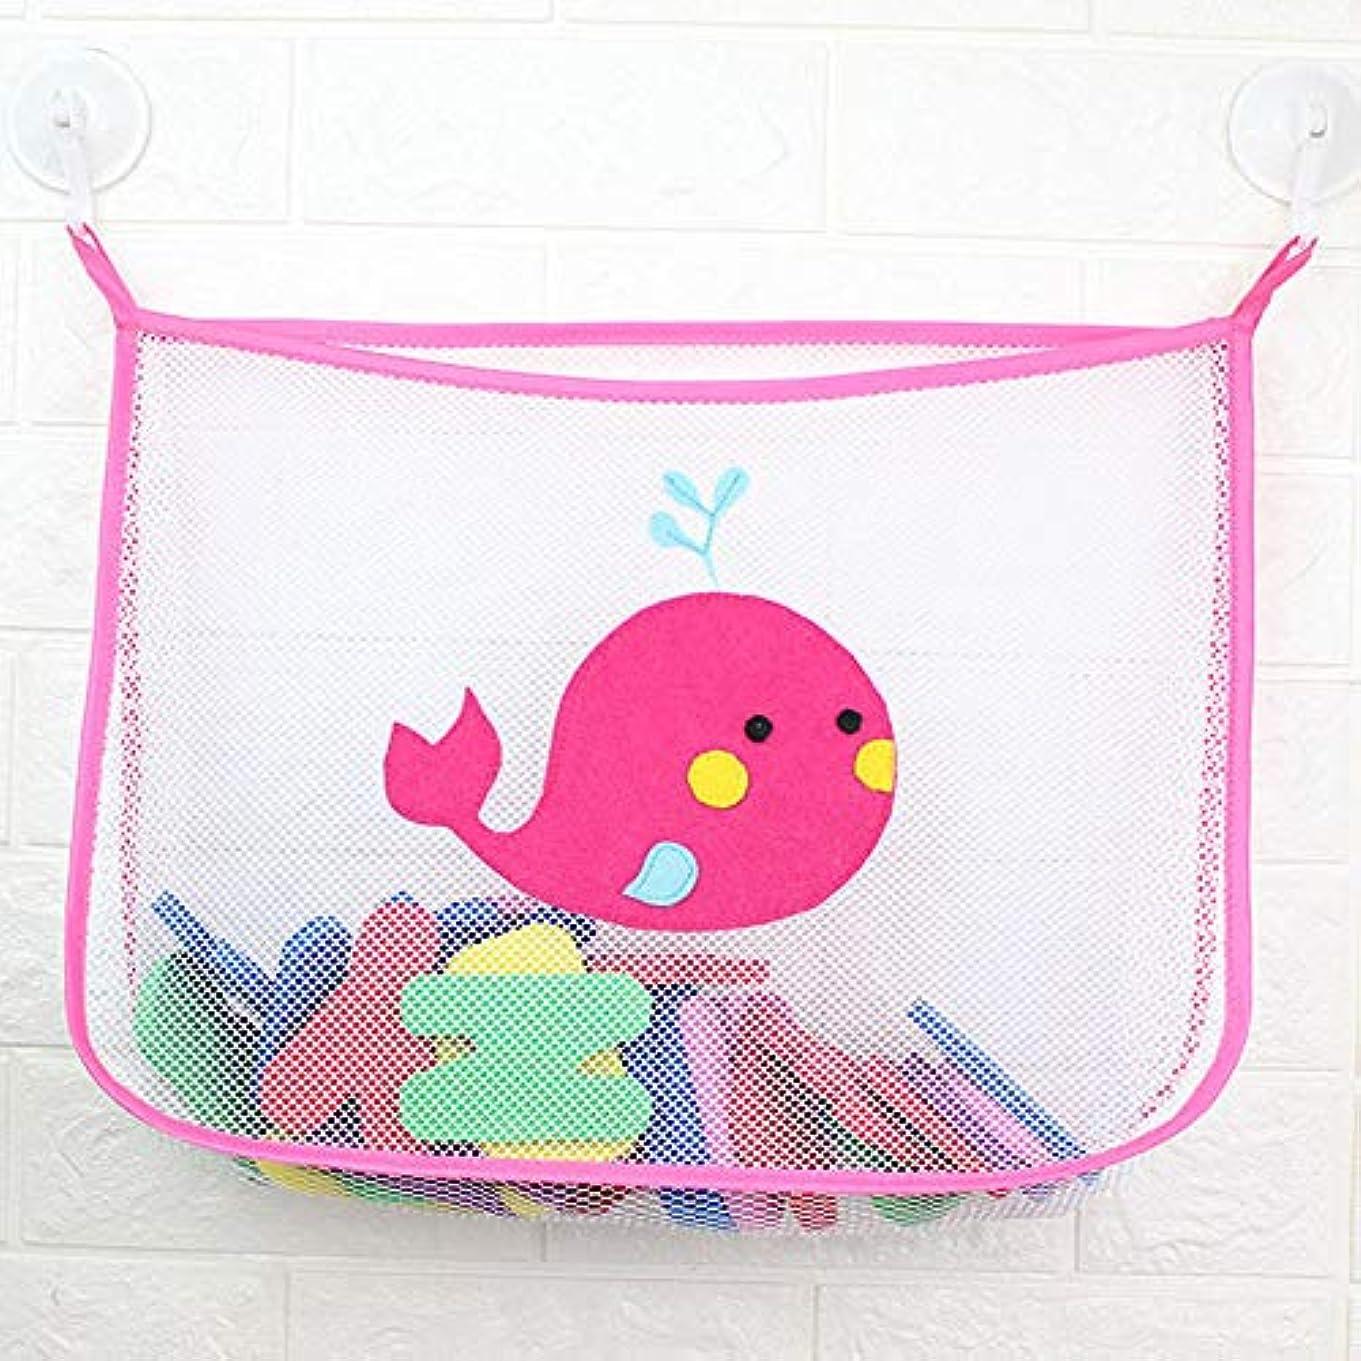 割り込み交換可能締め切りベビーシャワー風呂のおもちゃ小さなアヒル小さなカエルの赤ちゃん子供のおもちゃ収納メッシュで強い吸盤玩具バッグネット浴室オーガナイザー (ピンク)